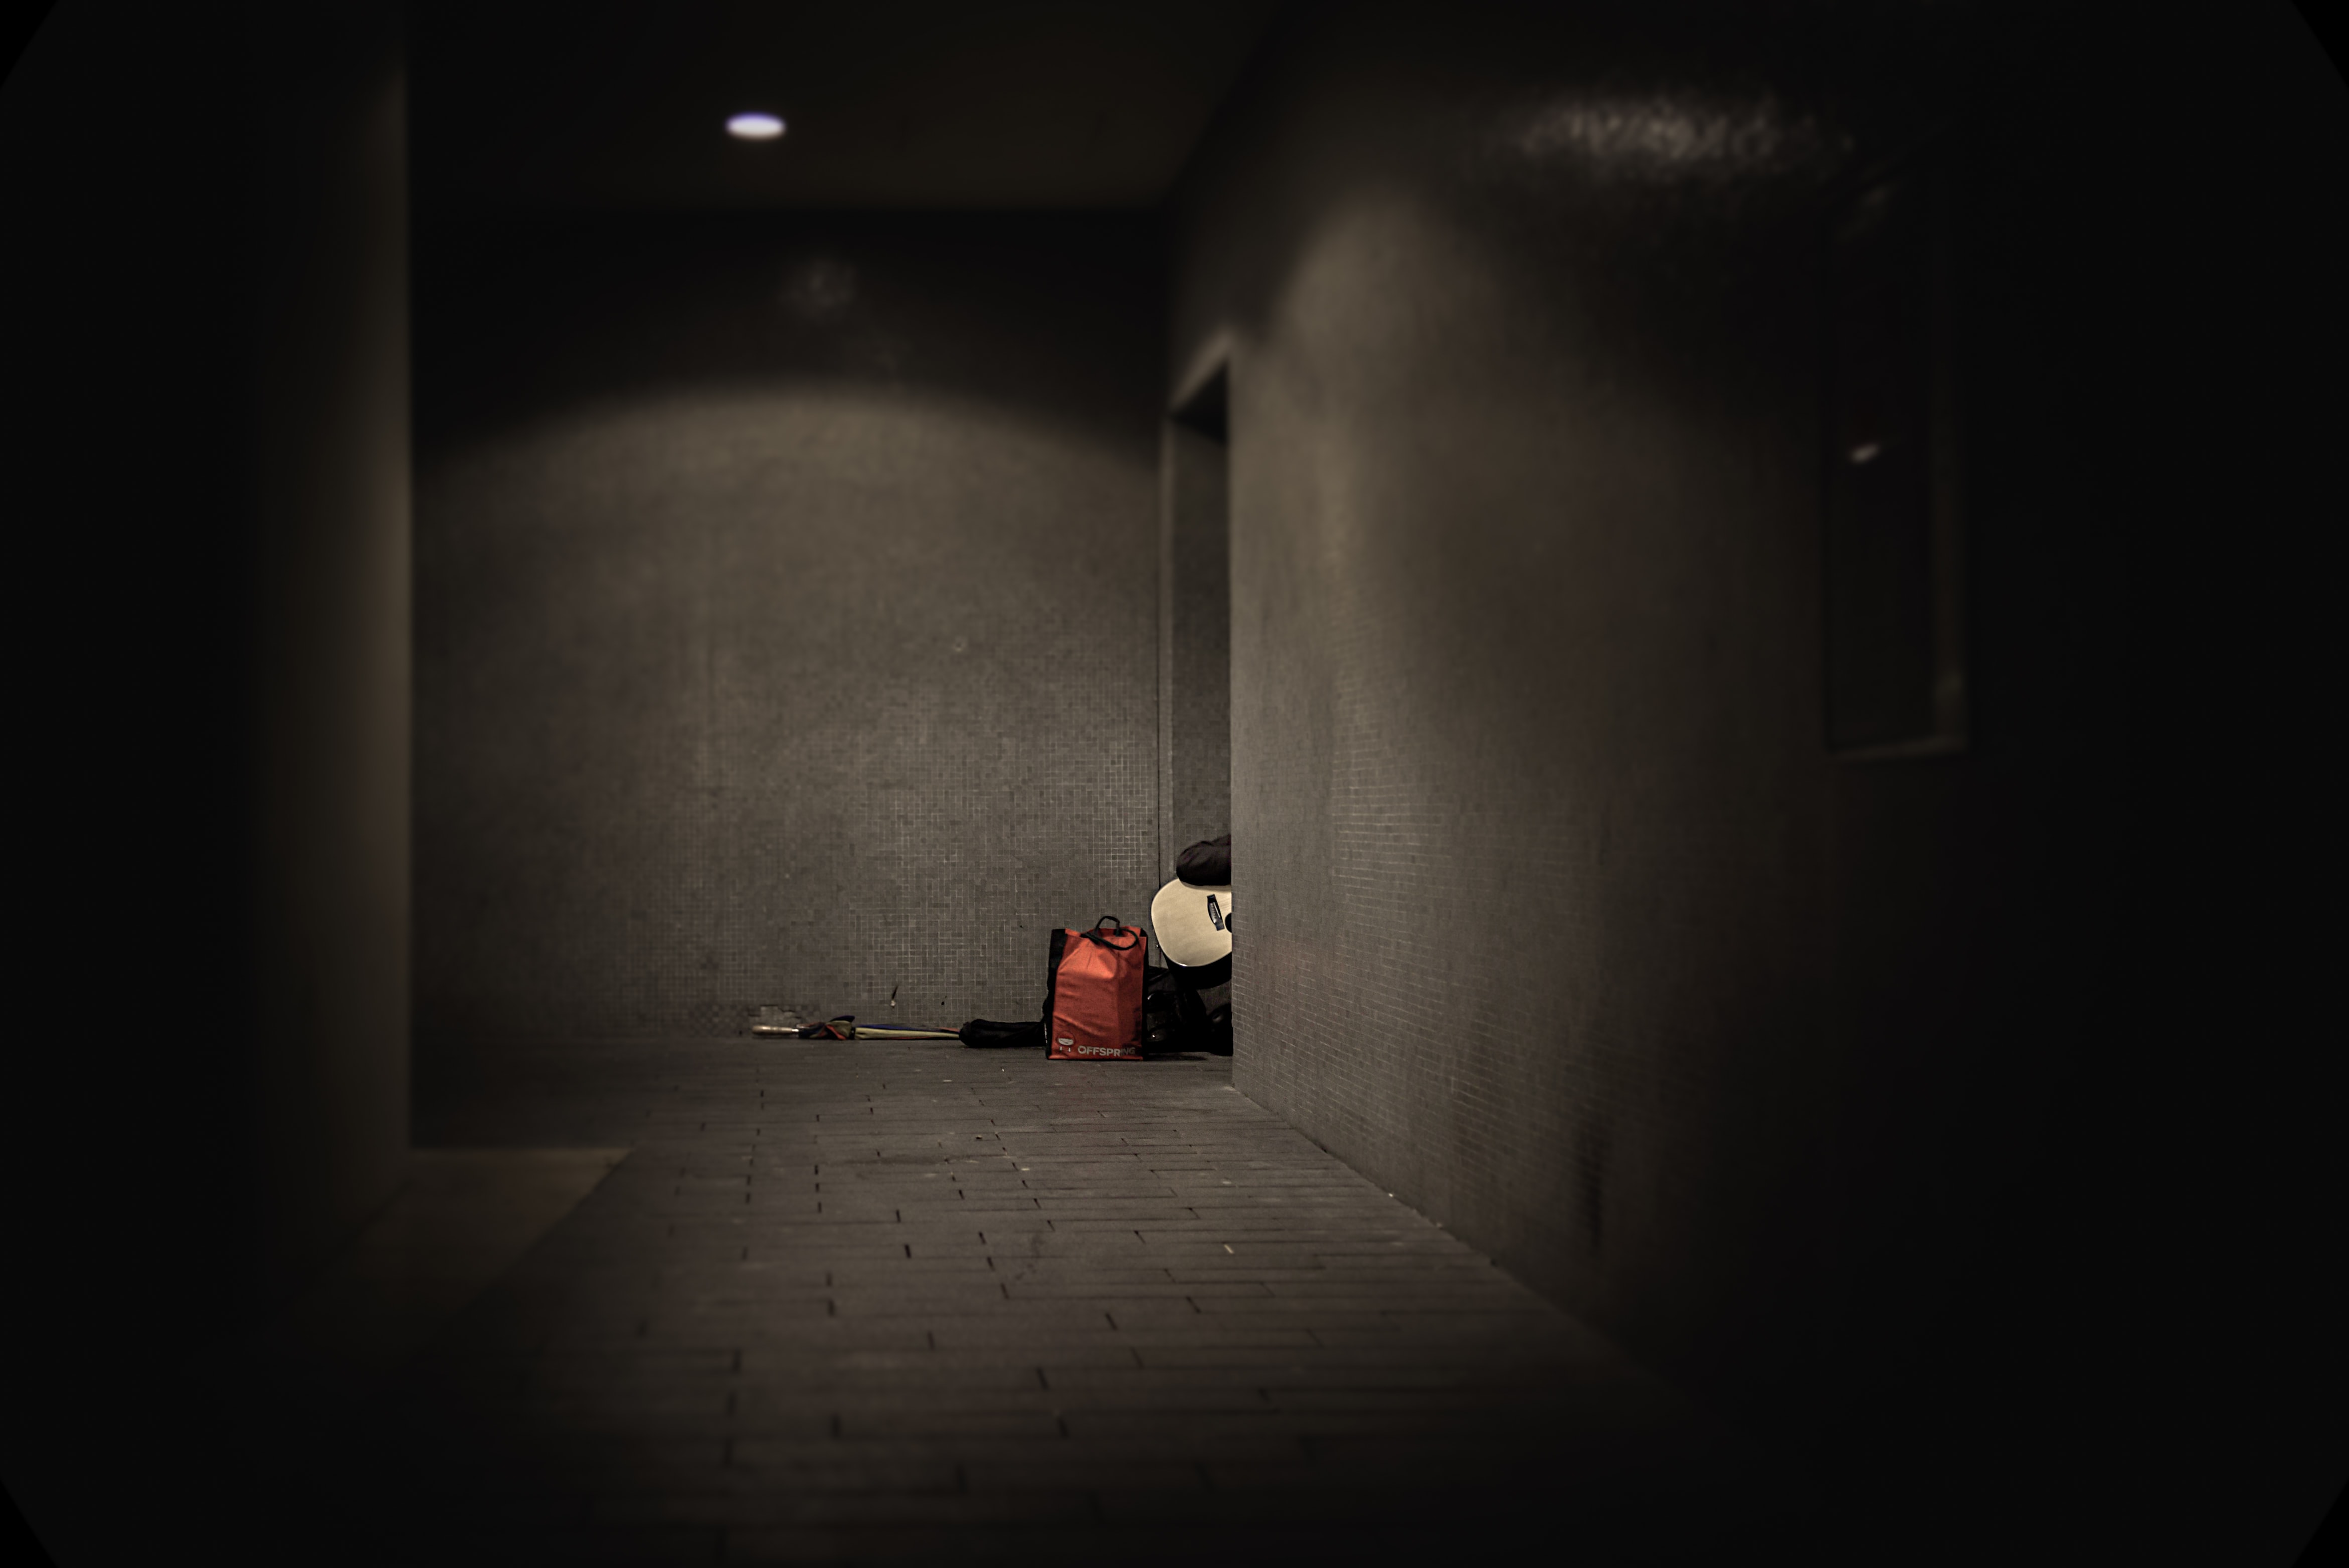 red bag in front of doorstep